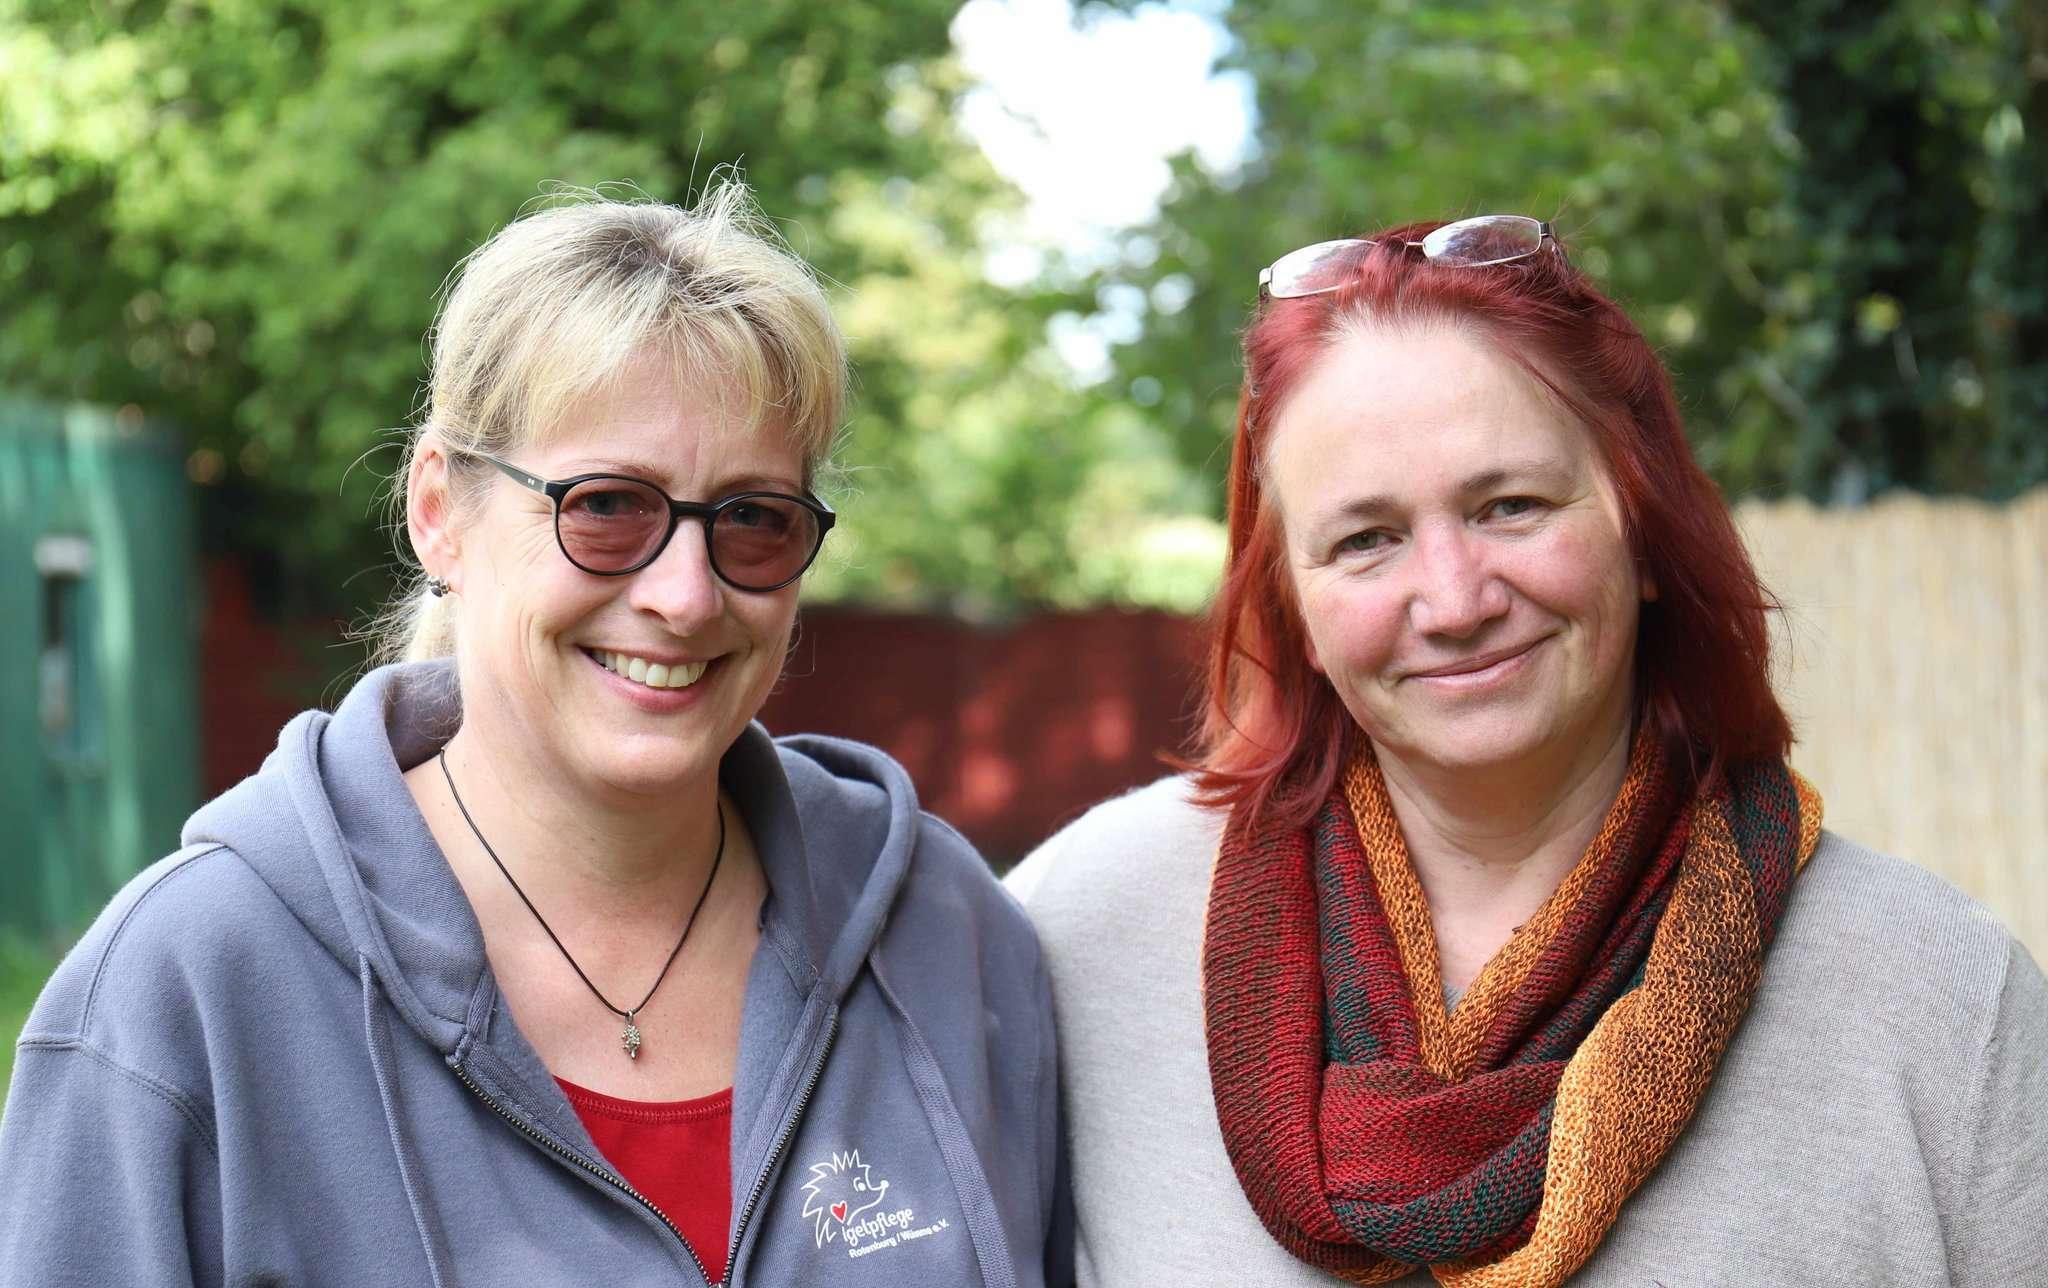 Merwel Otto-Link (links) von der Igelpflege Rotenburg und Silke Wingen vom Tierschutzverein für den Landkreis Rotenburg gründen eine Jugendgruppe.